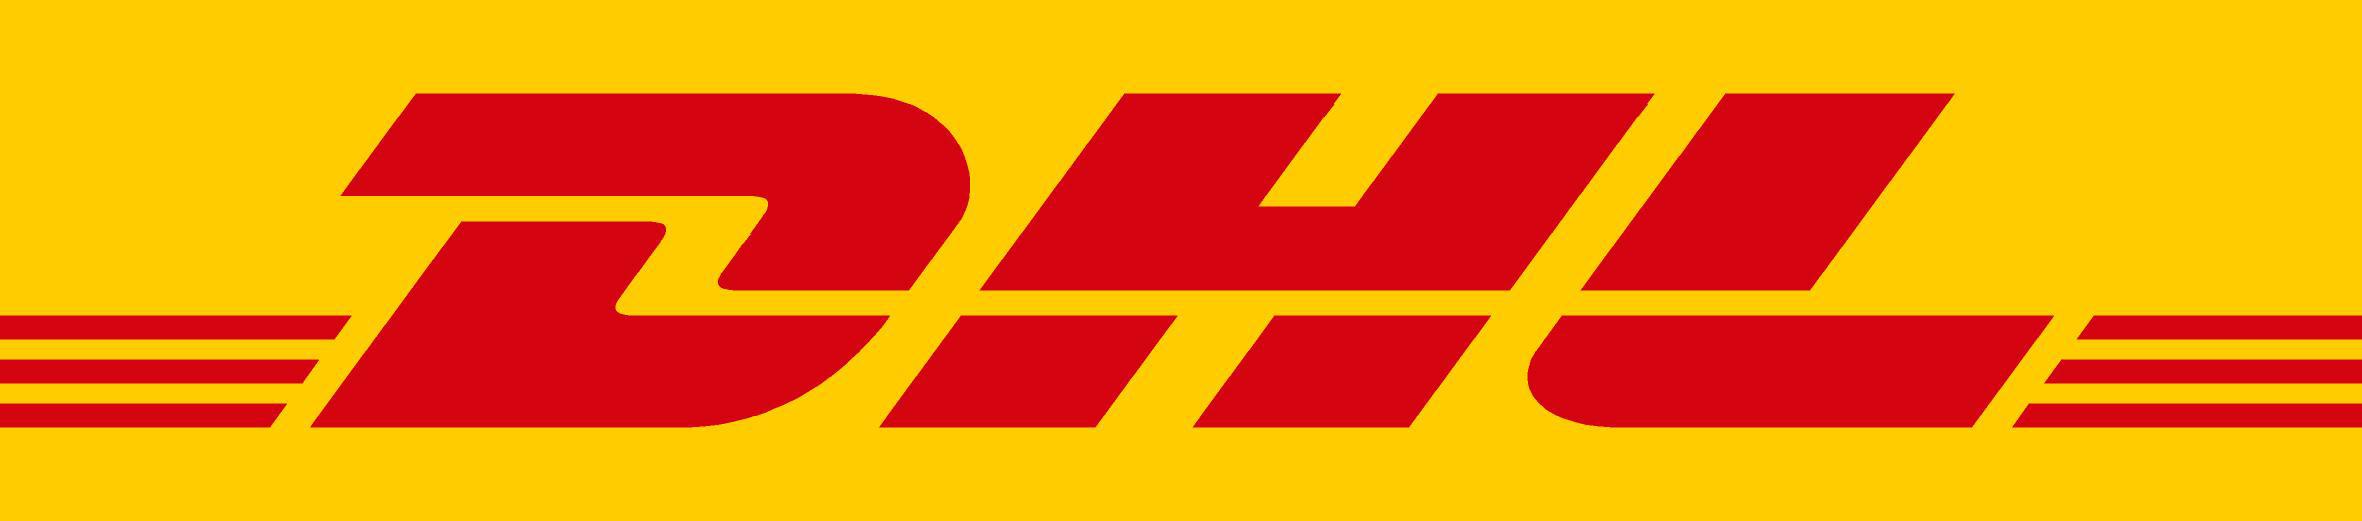 DHL_JPG.jpg